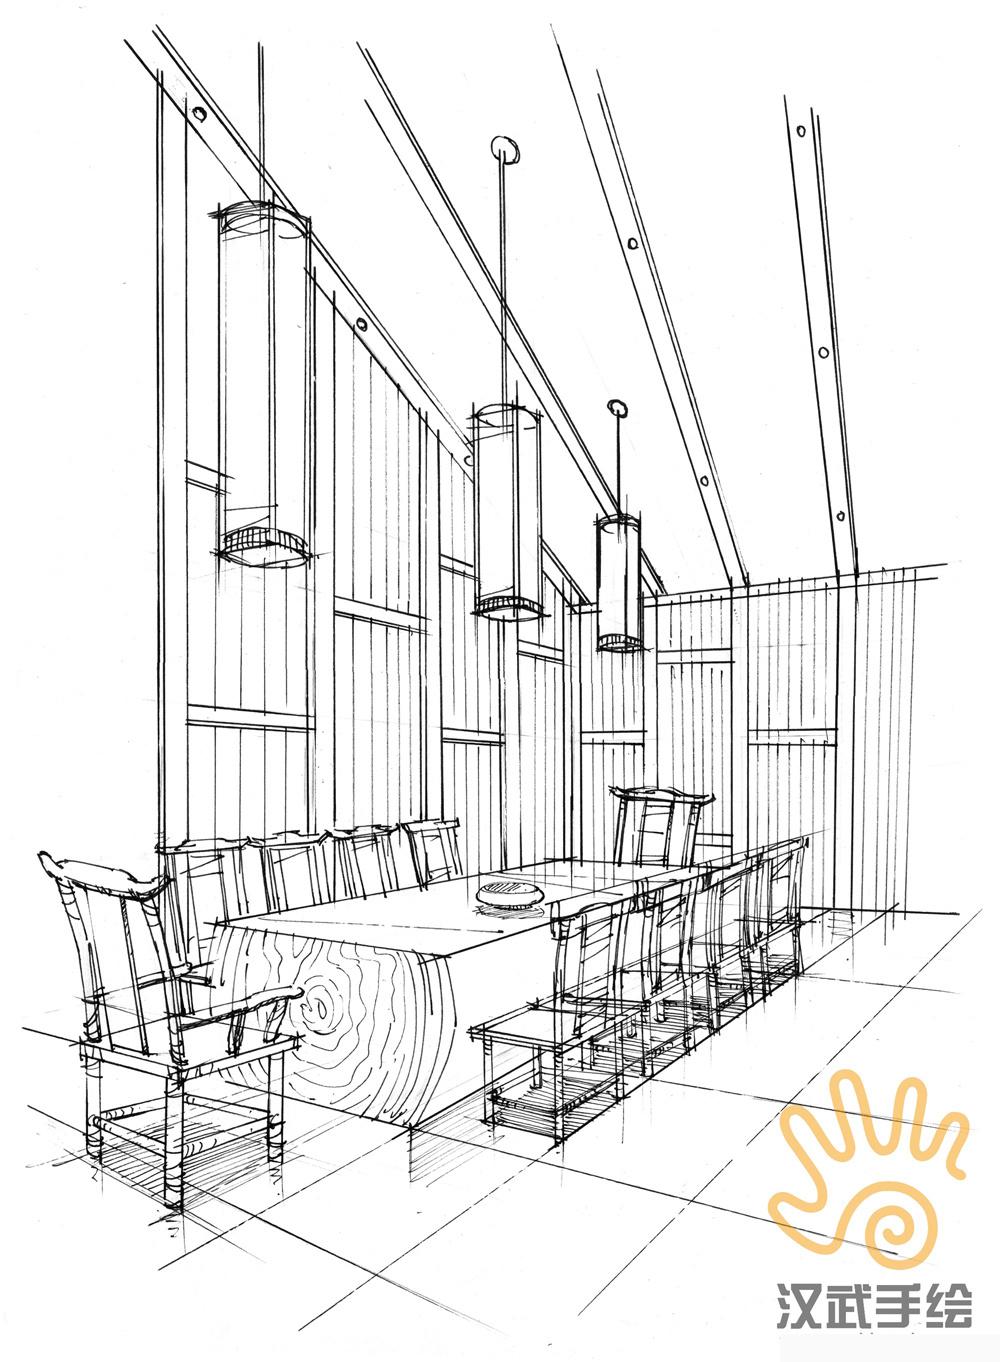 禅意室内手绘方案效果图|空间|室内设计|汉武手绘